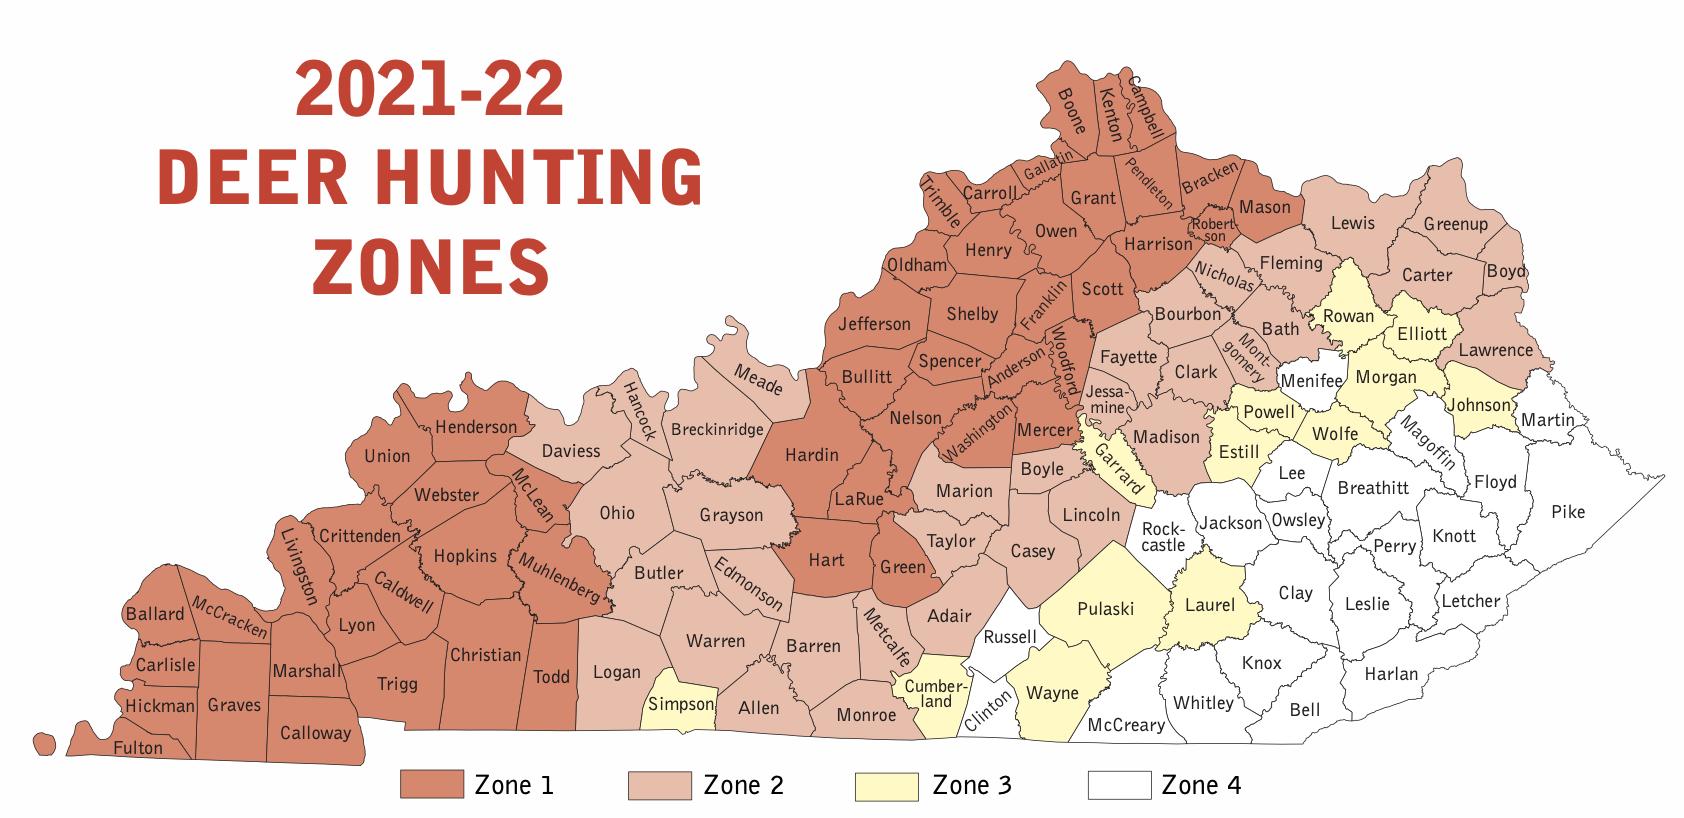 Deer Hunting Zones